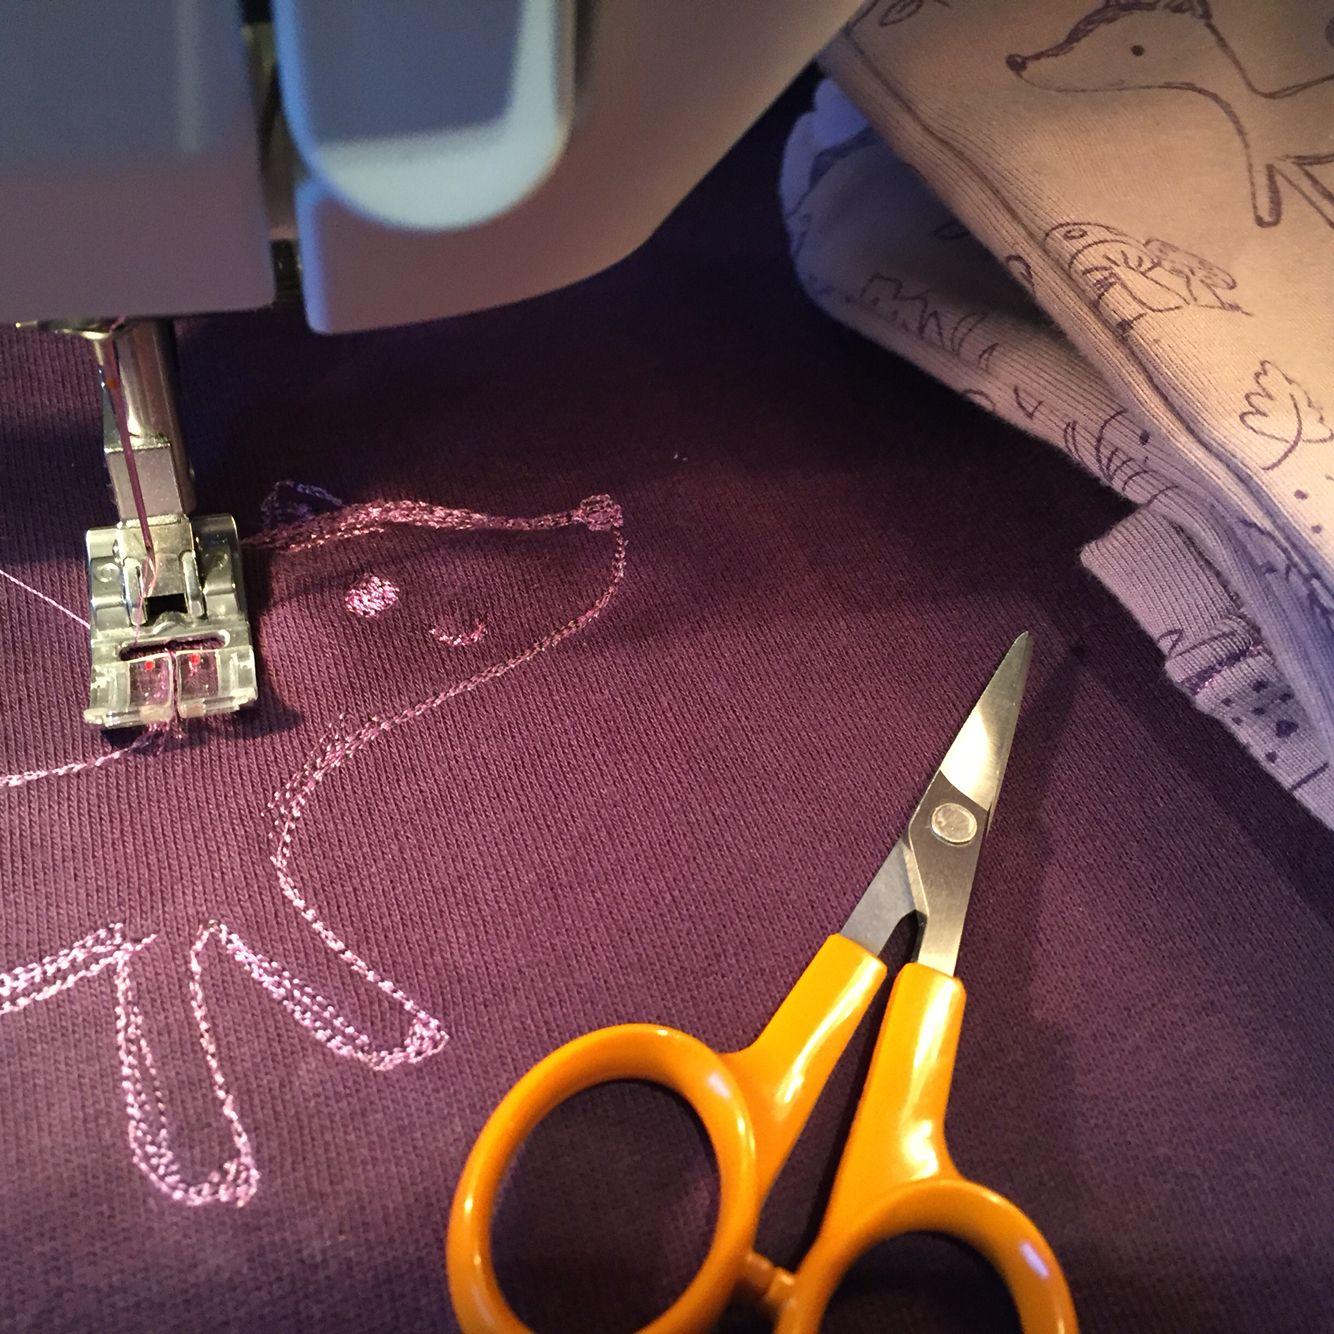 Kläder för en liten tjej. Provade att brodera med endast raksömn.   #kidsfashion #clothes #sewing #baby #barnkläder #sömnad